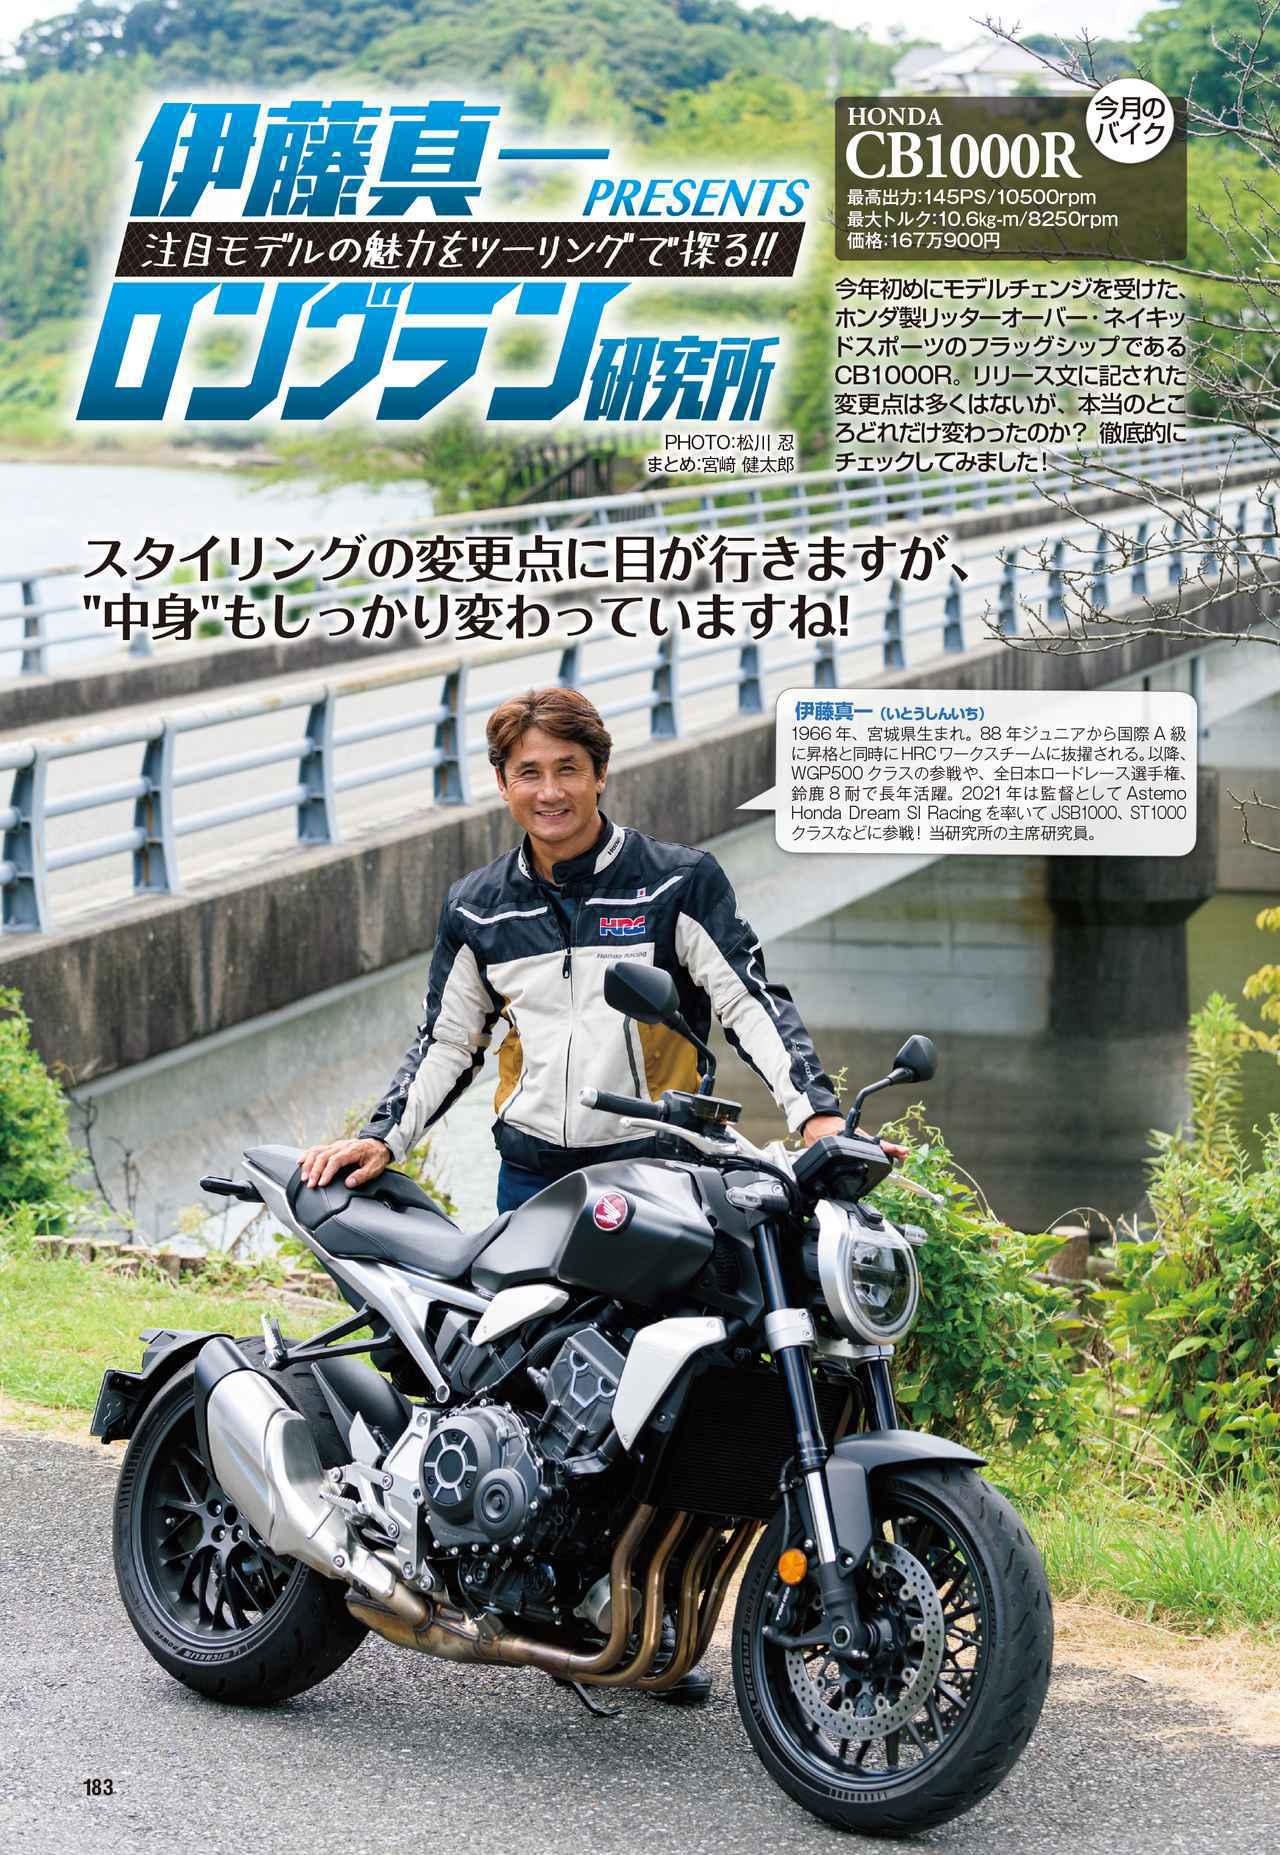 画像4: 「ジャパン・バイク・オブ・ザ・イヤー 2021」の結果を発表! 月刊『オートバイ』10月号でいま最も人気のバイクが分かります!